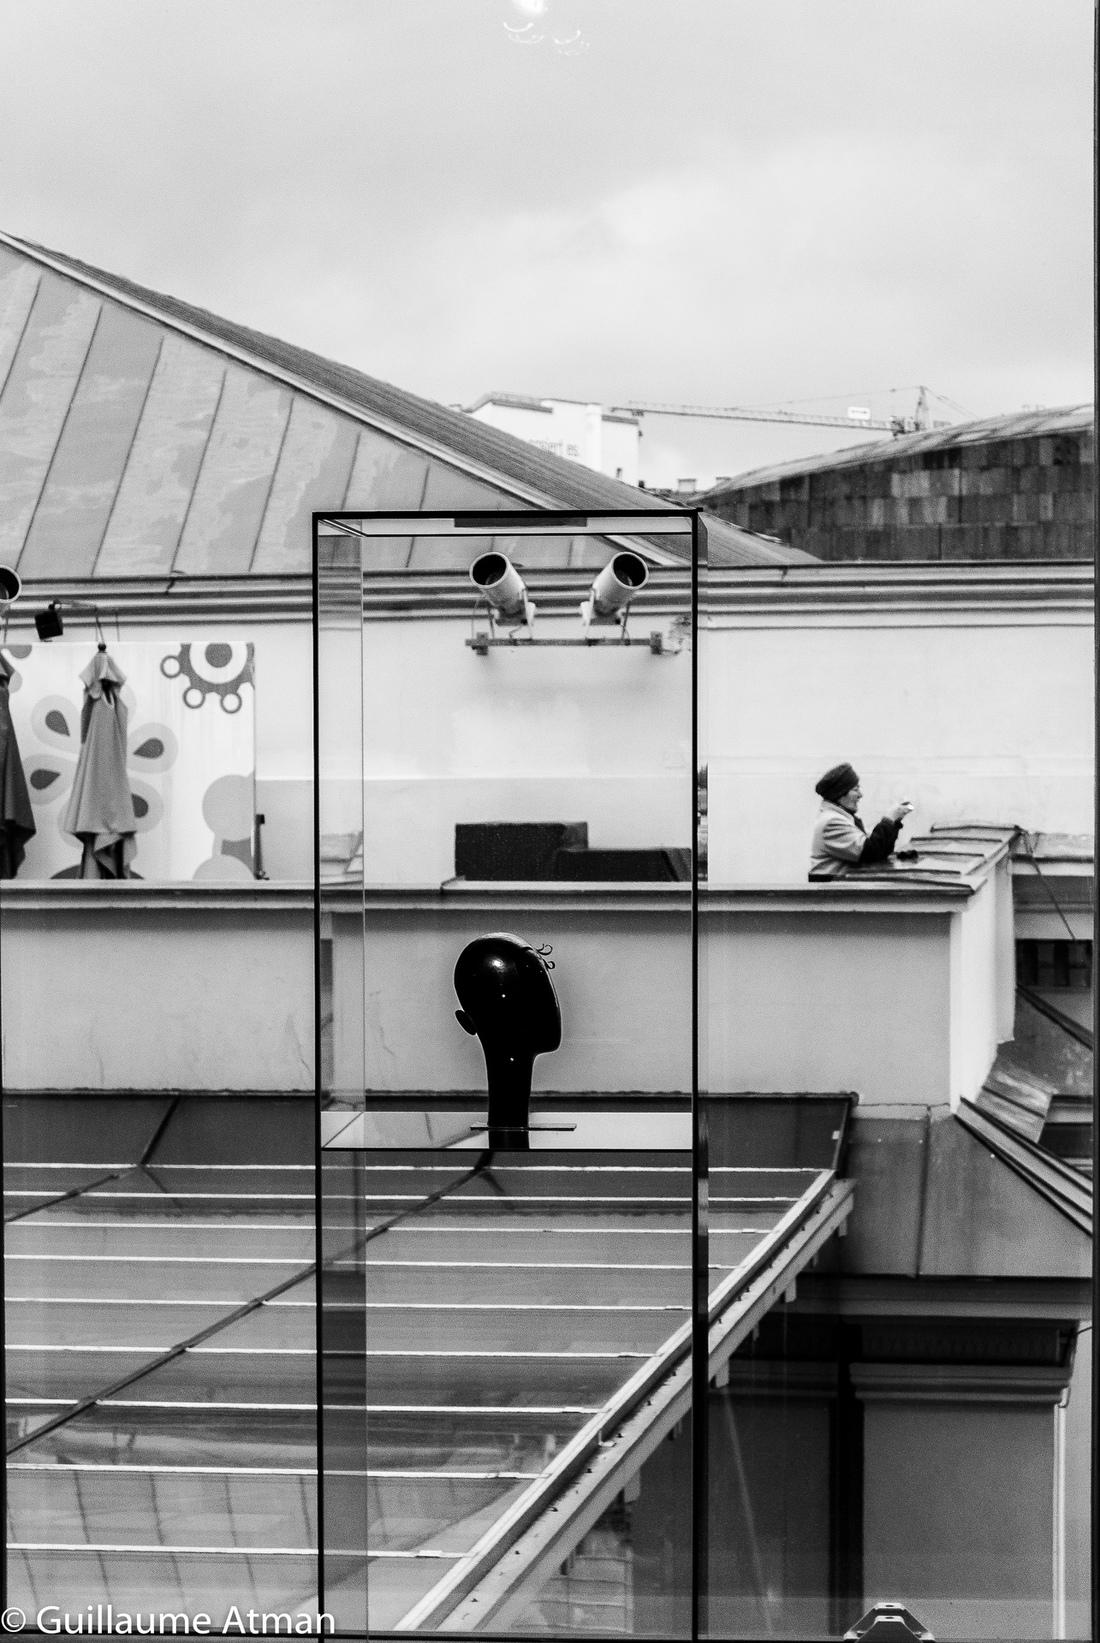 Guillaume Atman - Decisive moments